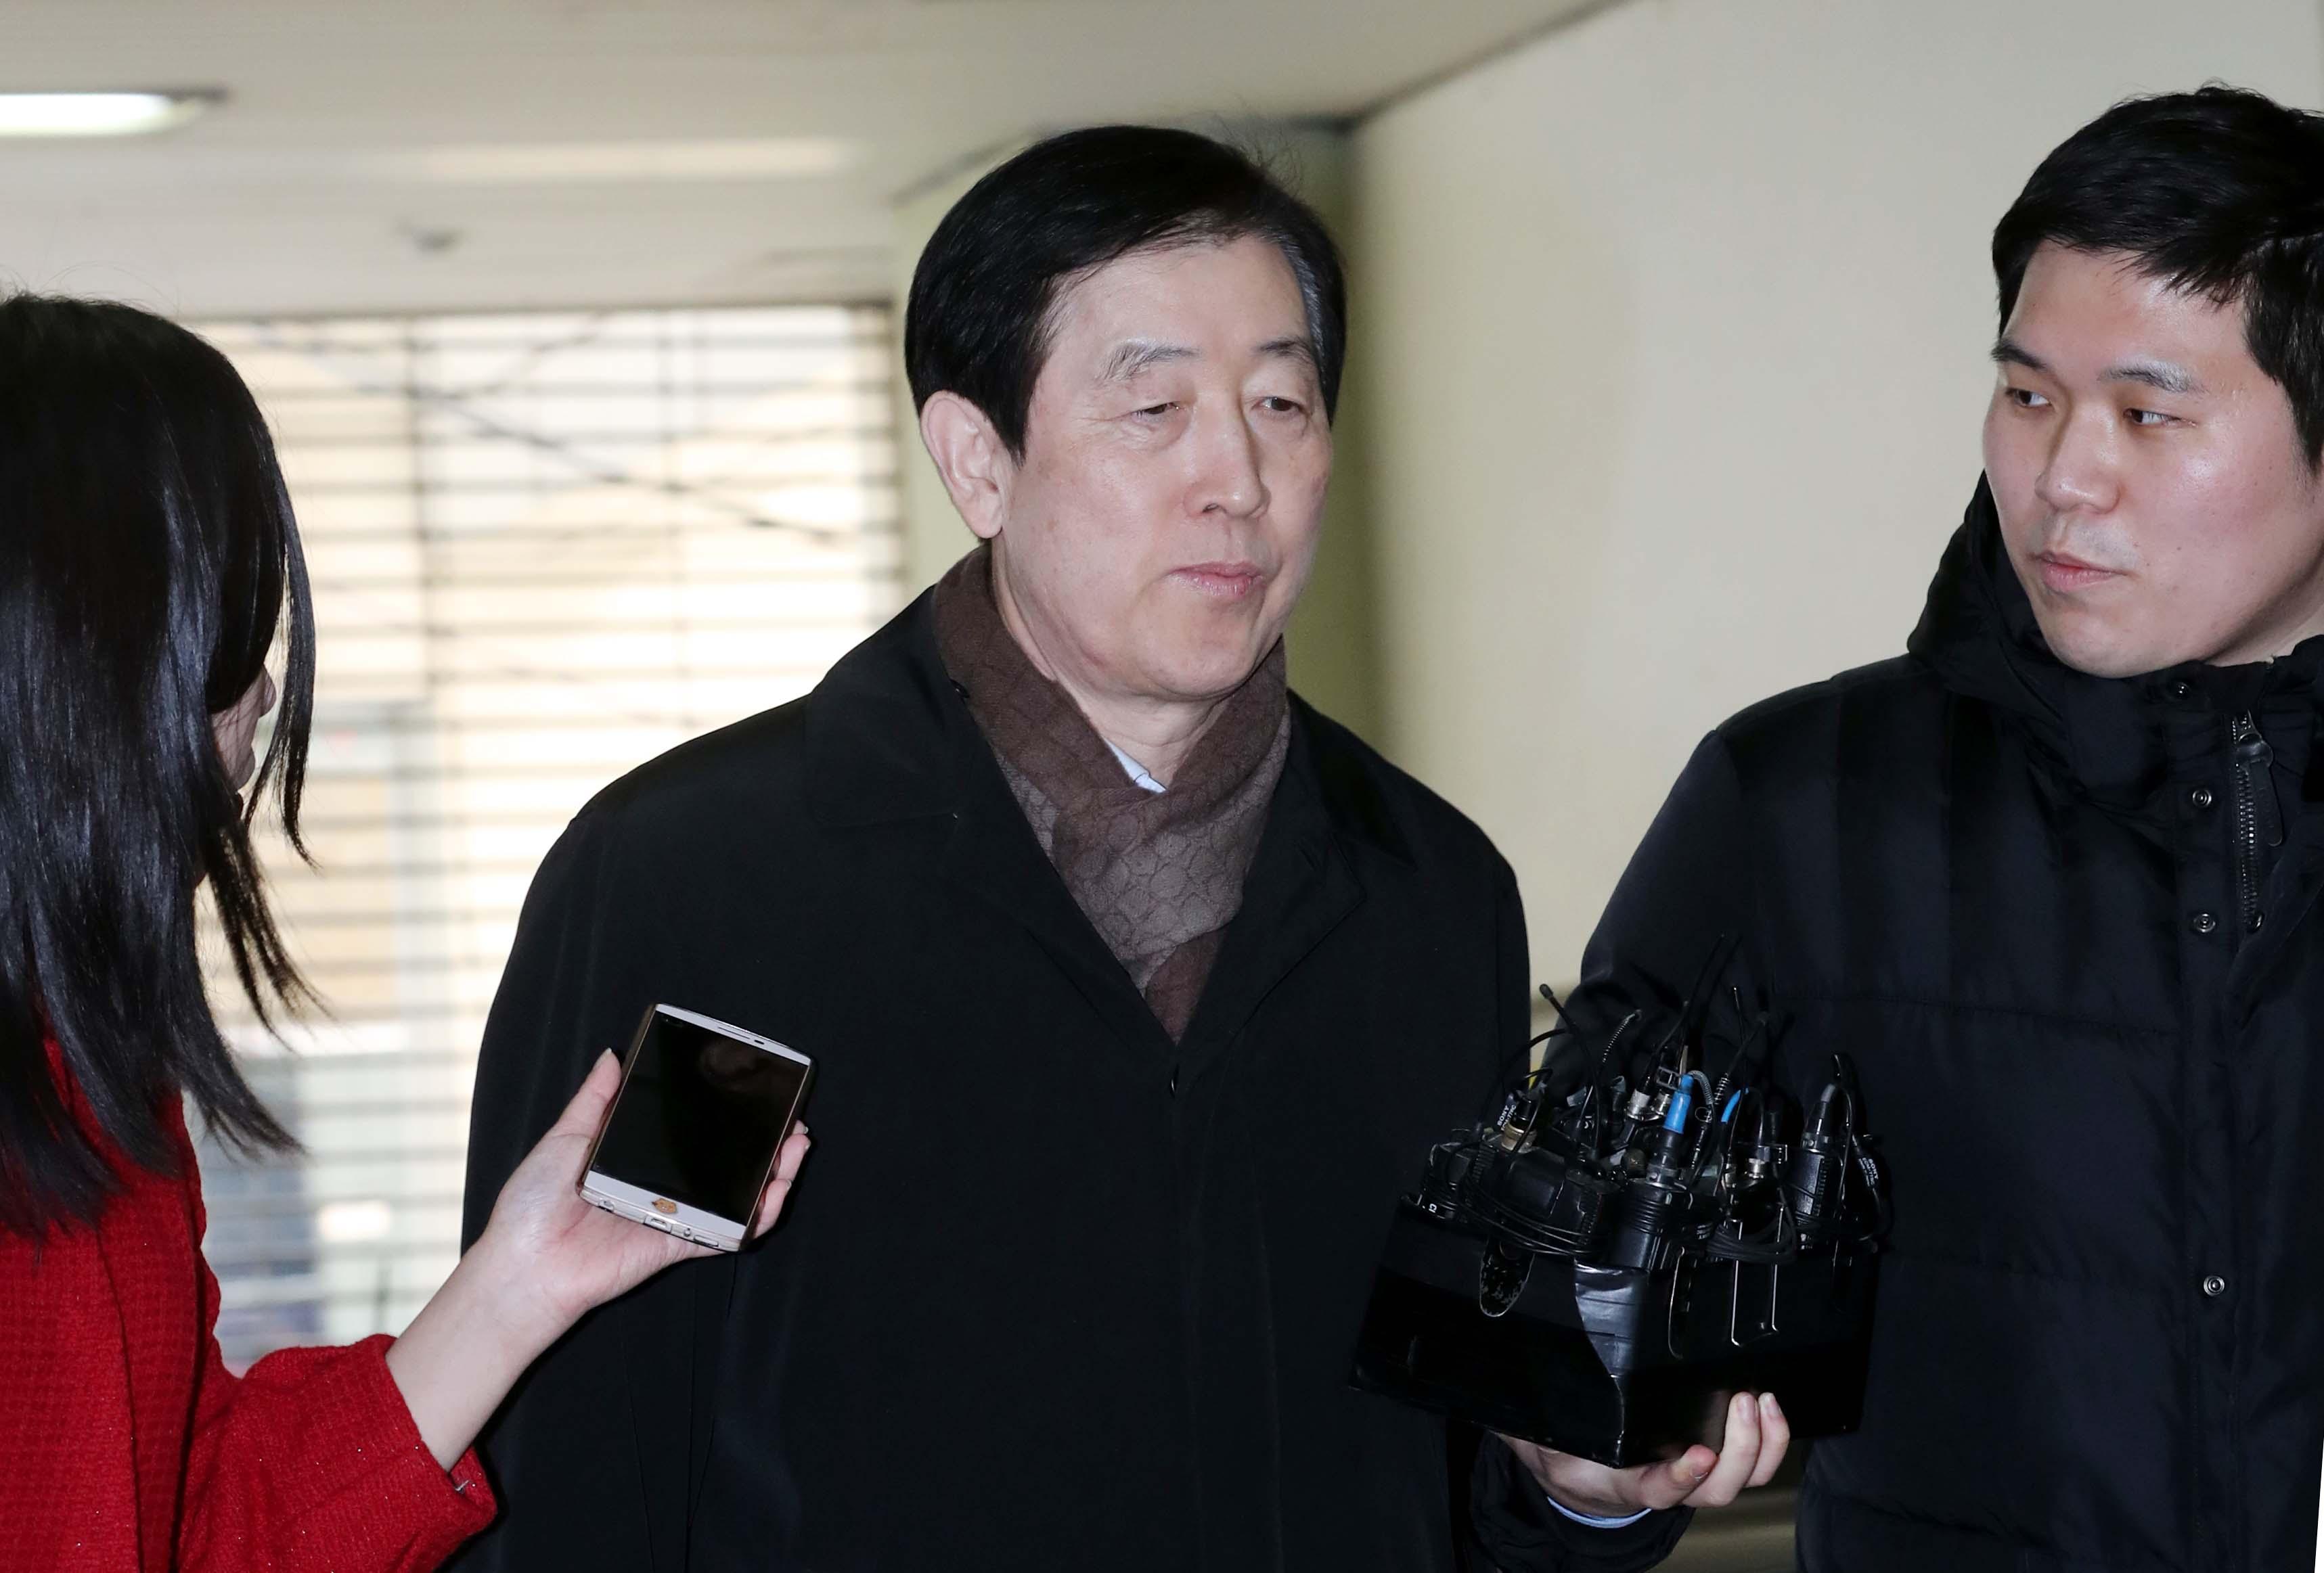 [재판] 최지성 등 삼성 前임원들 최순실 재판서 증언 거부